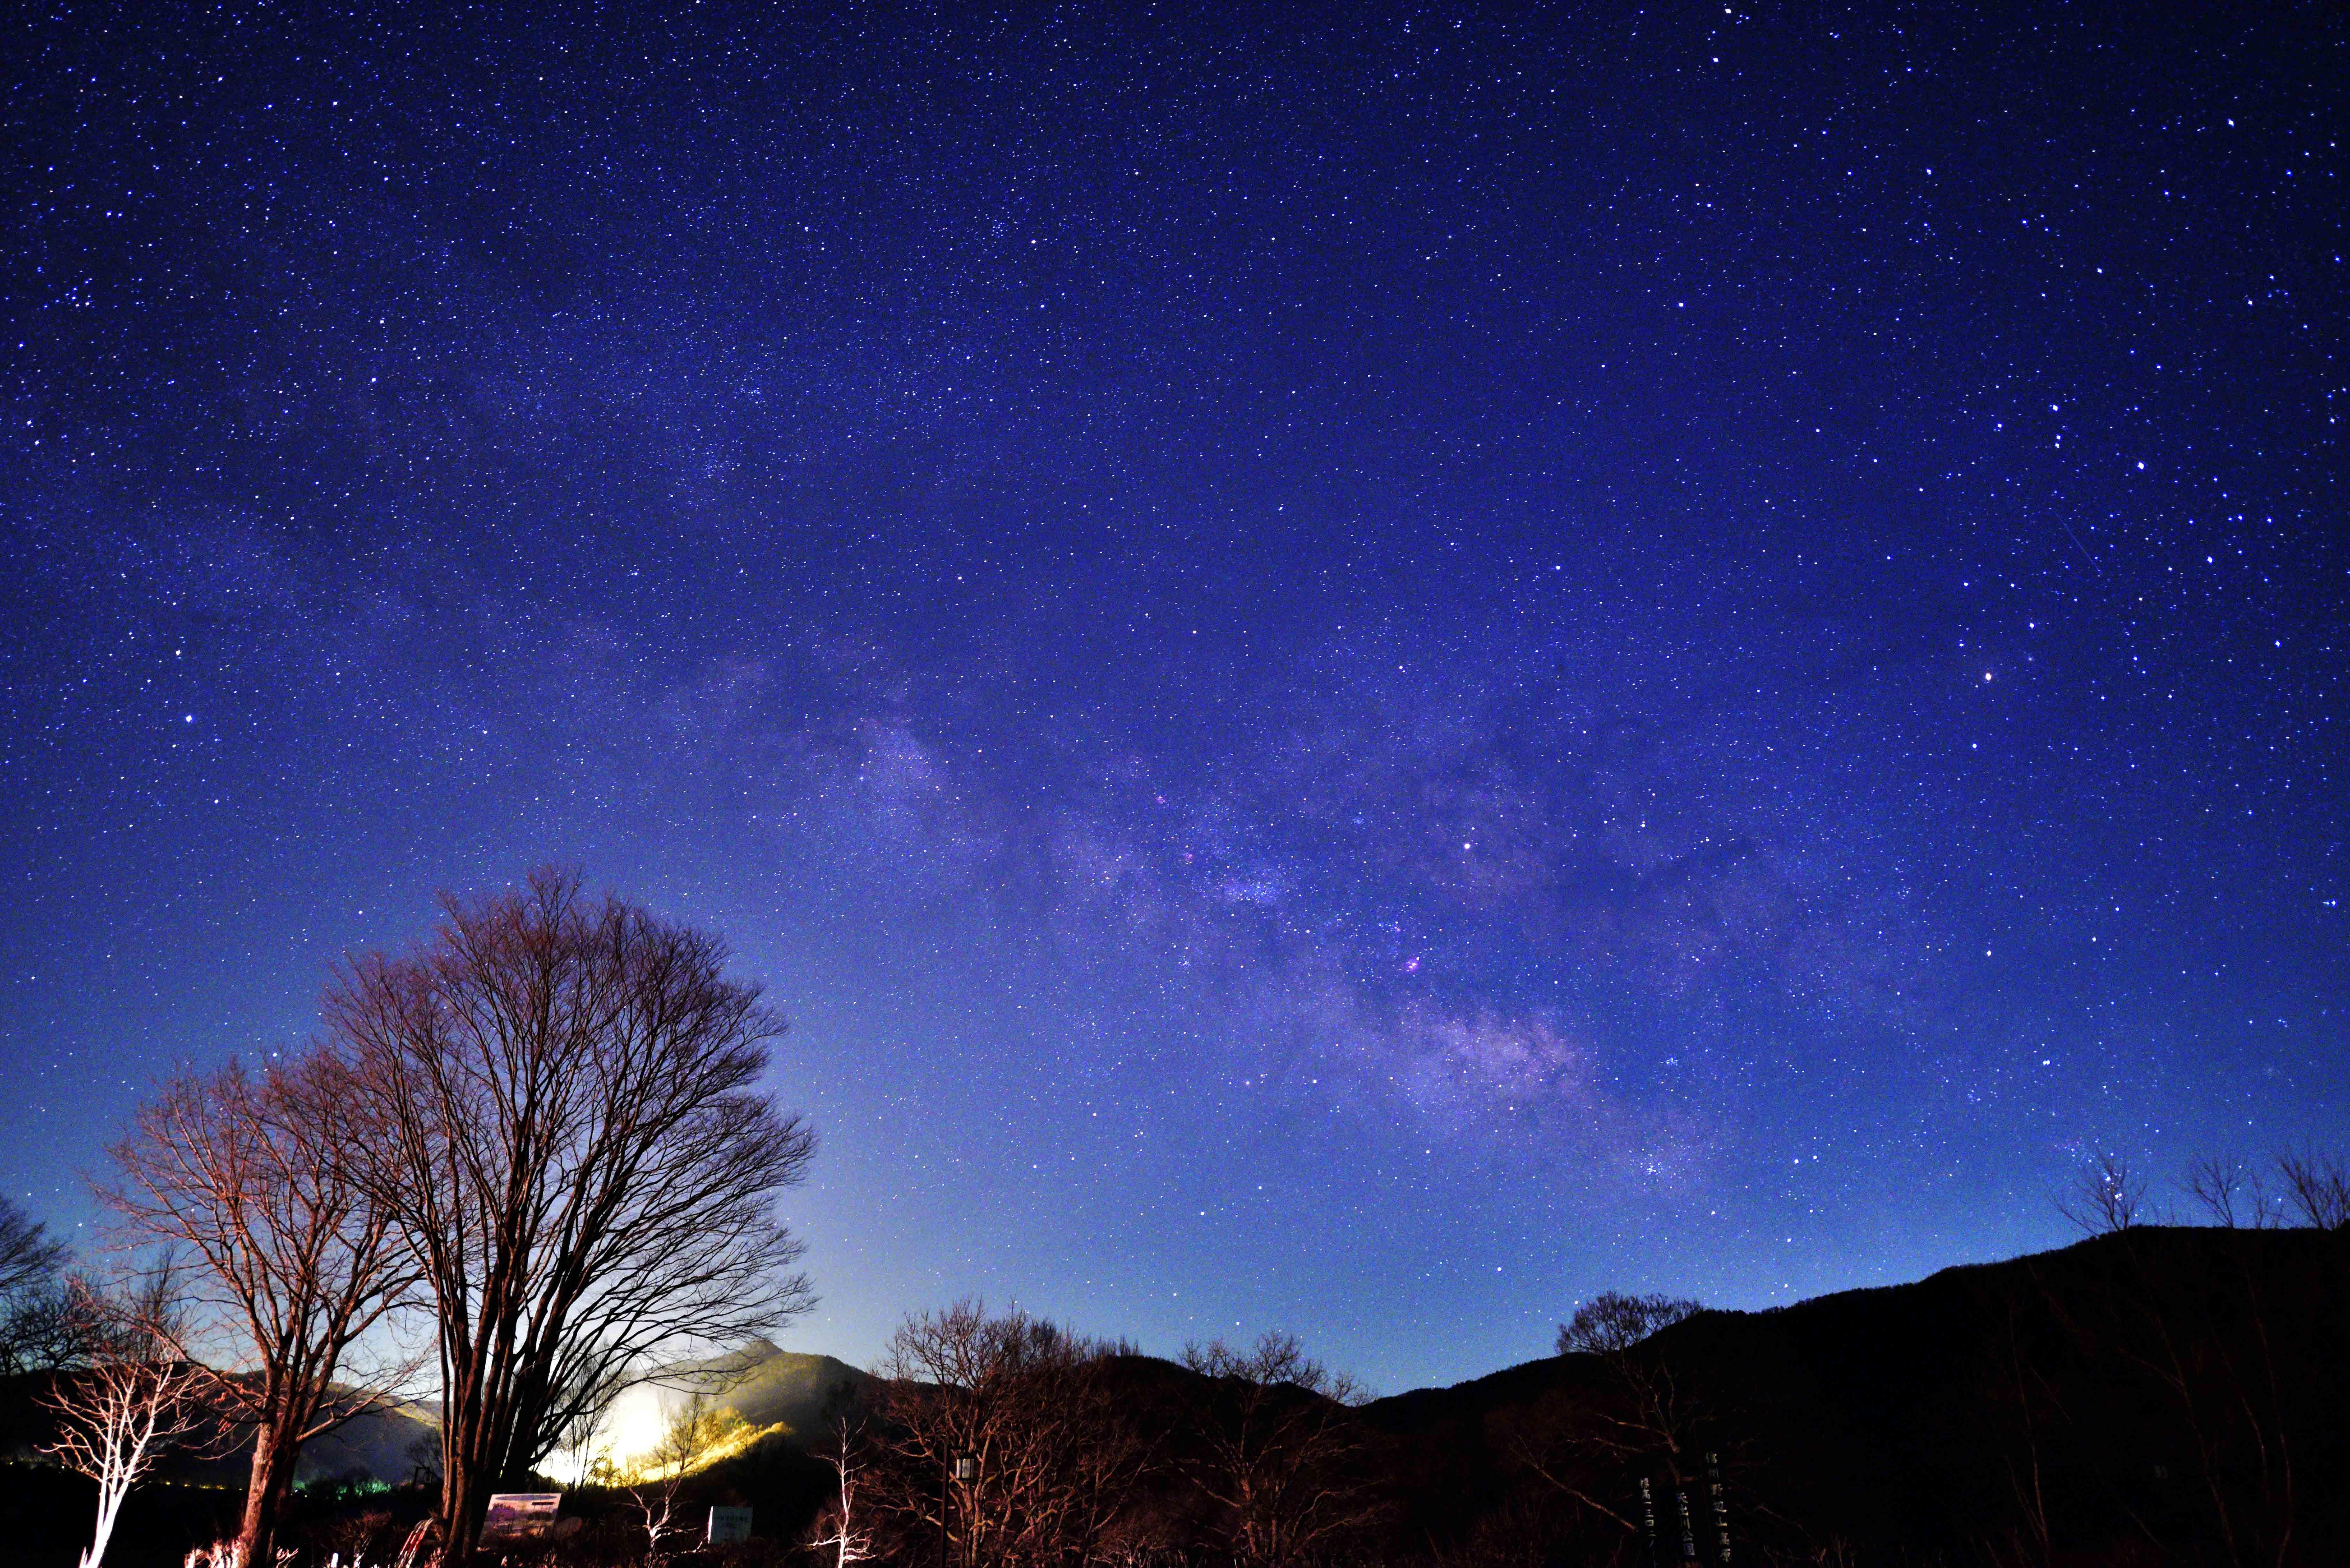 夜空と星の展示会4、TOP用画像